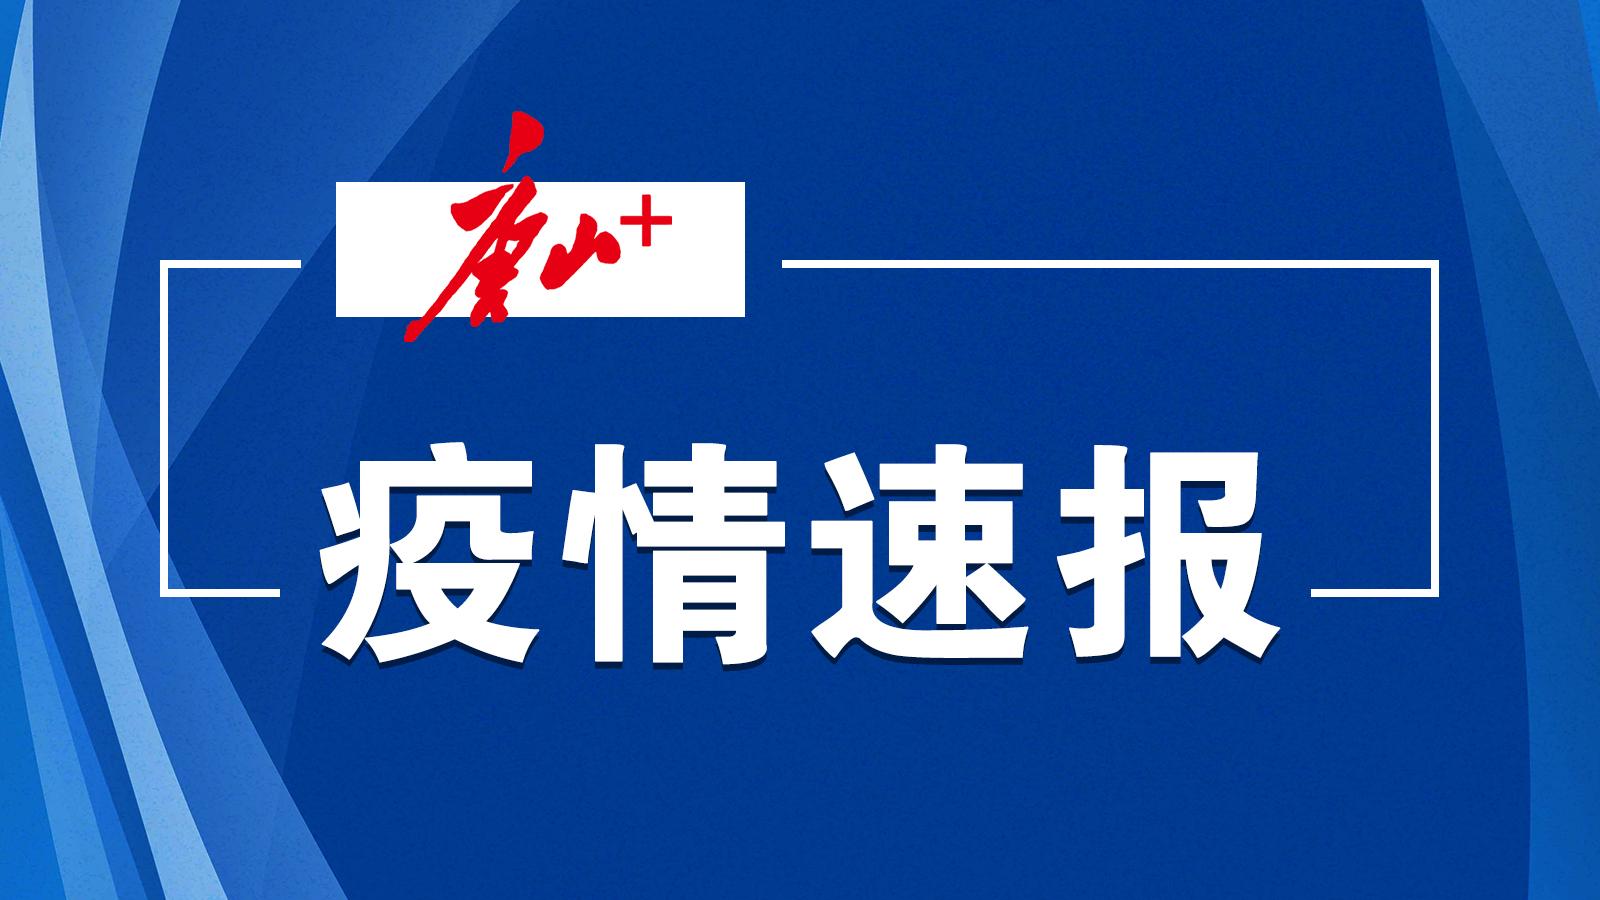 7月29日河北无新增确诊病例